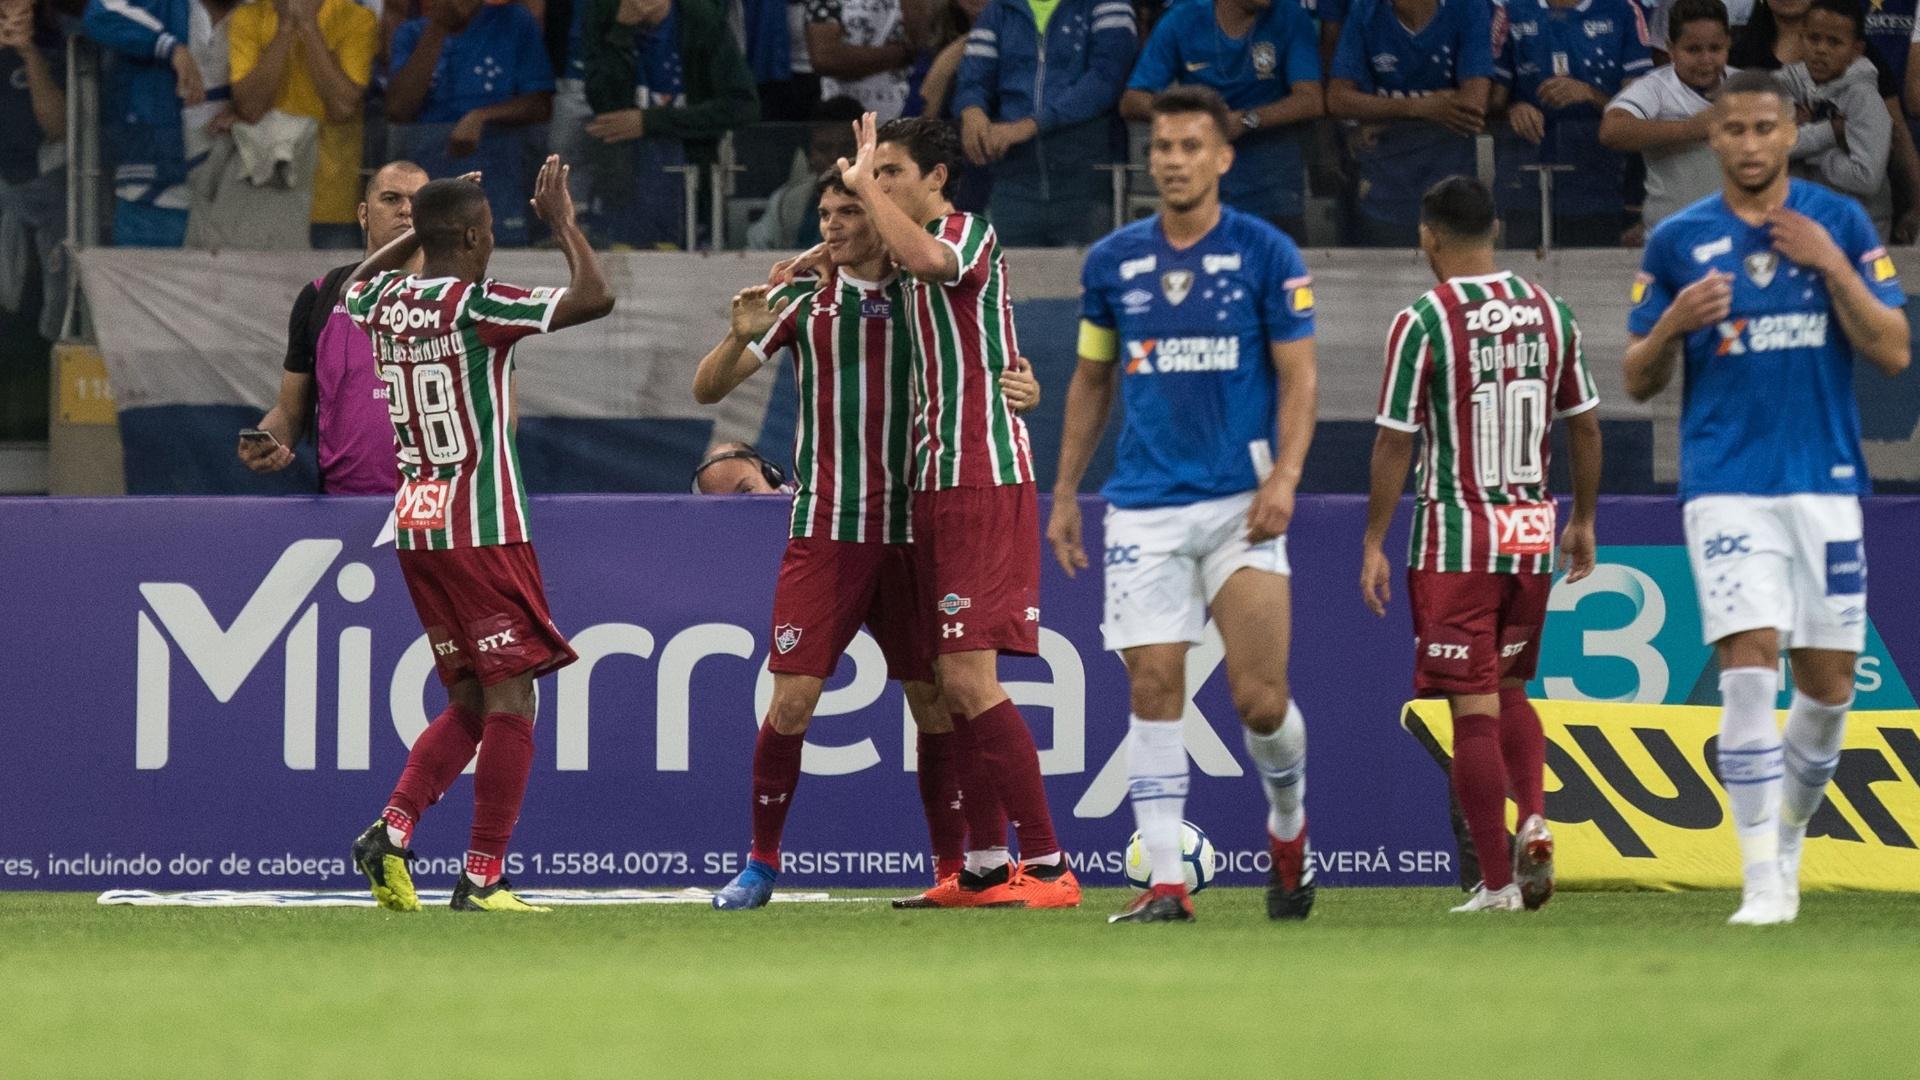 Jogadores do Fluminense comemoram gol sobre o Cruzeiro